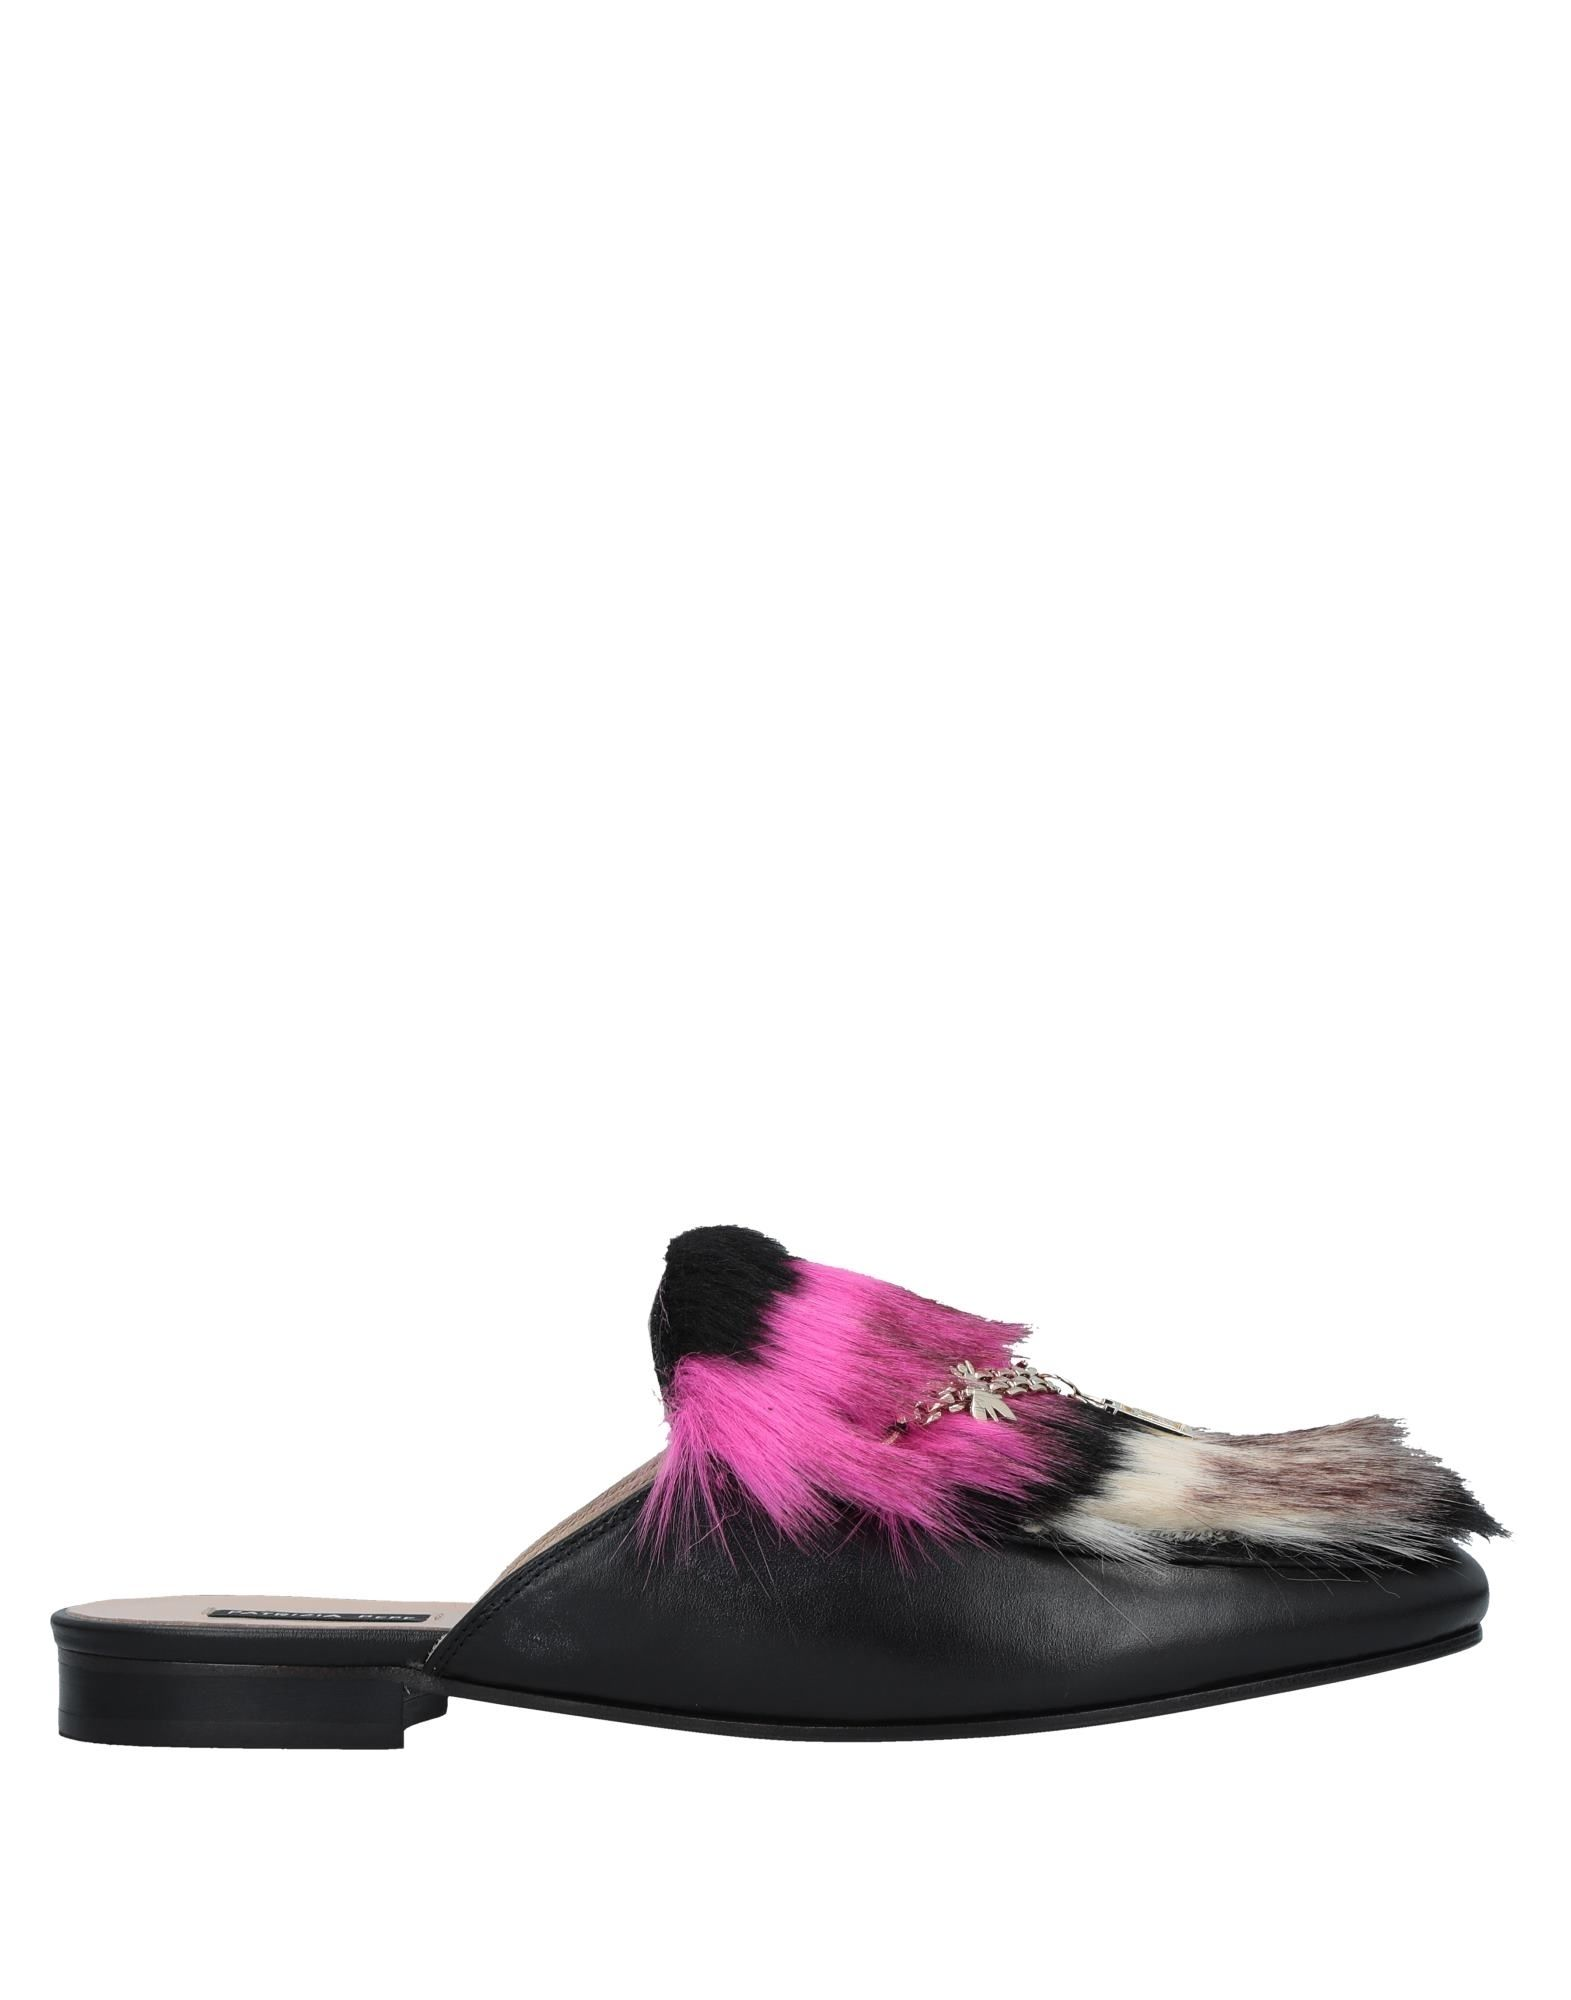 Gut um billige Schuhe Damen zu tragenPatrizia Pepe Pantoletten Damen Schuhe  11523212EA 224732